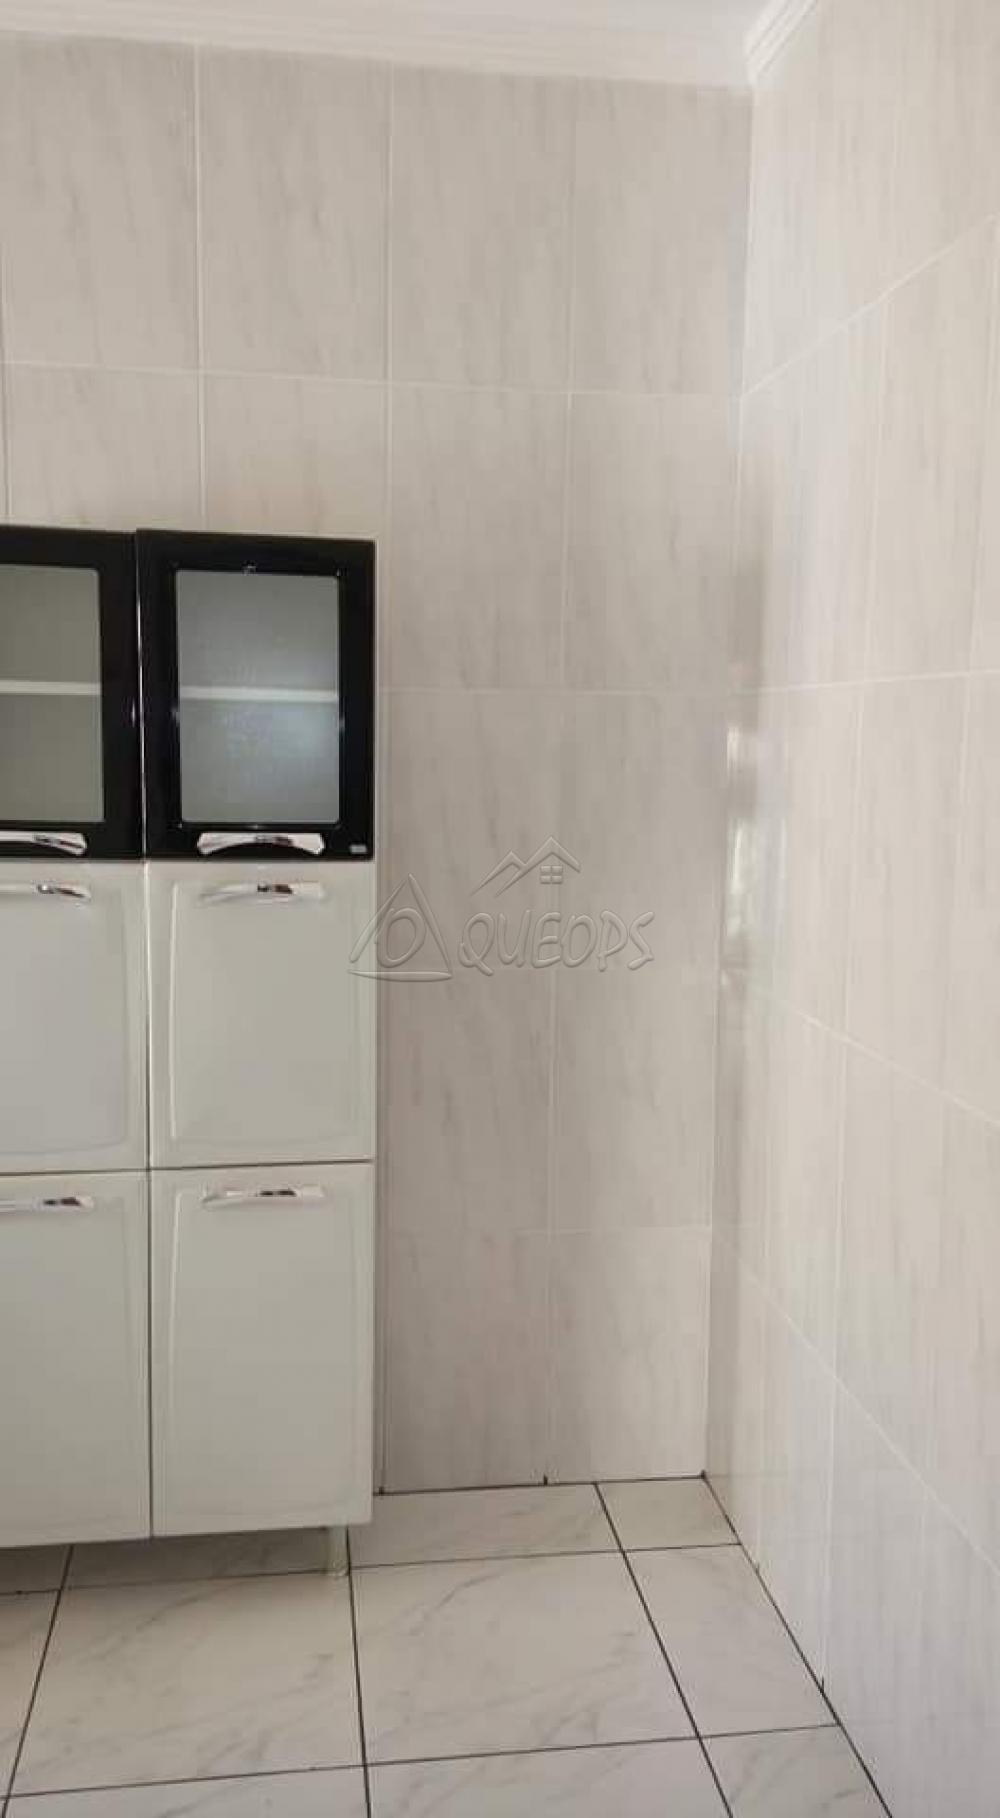 Comprar Casa / Padrão em Barretos apenas R$ 320.000,00 - Foto 14